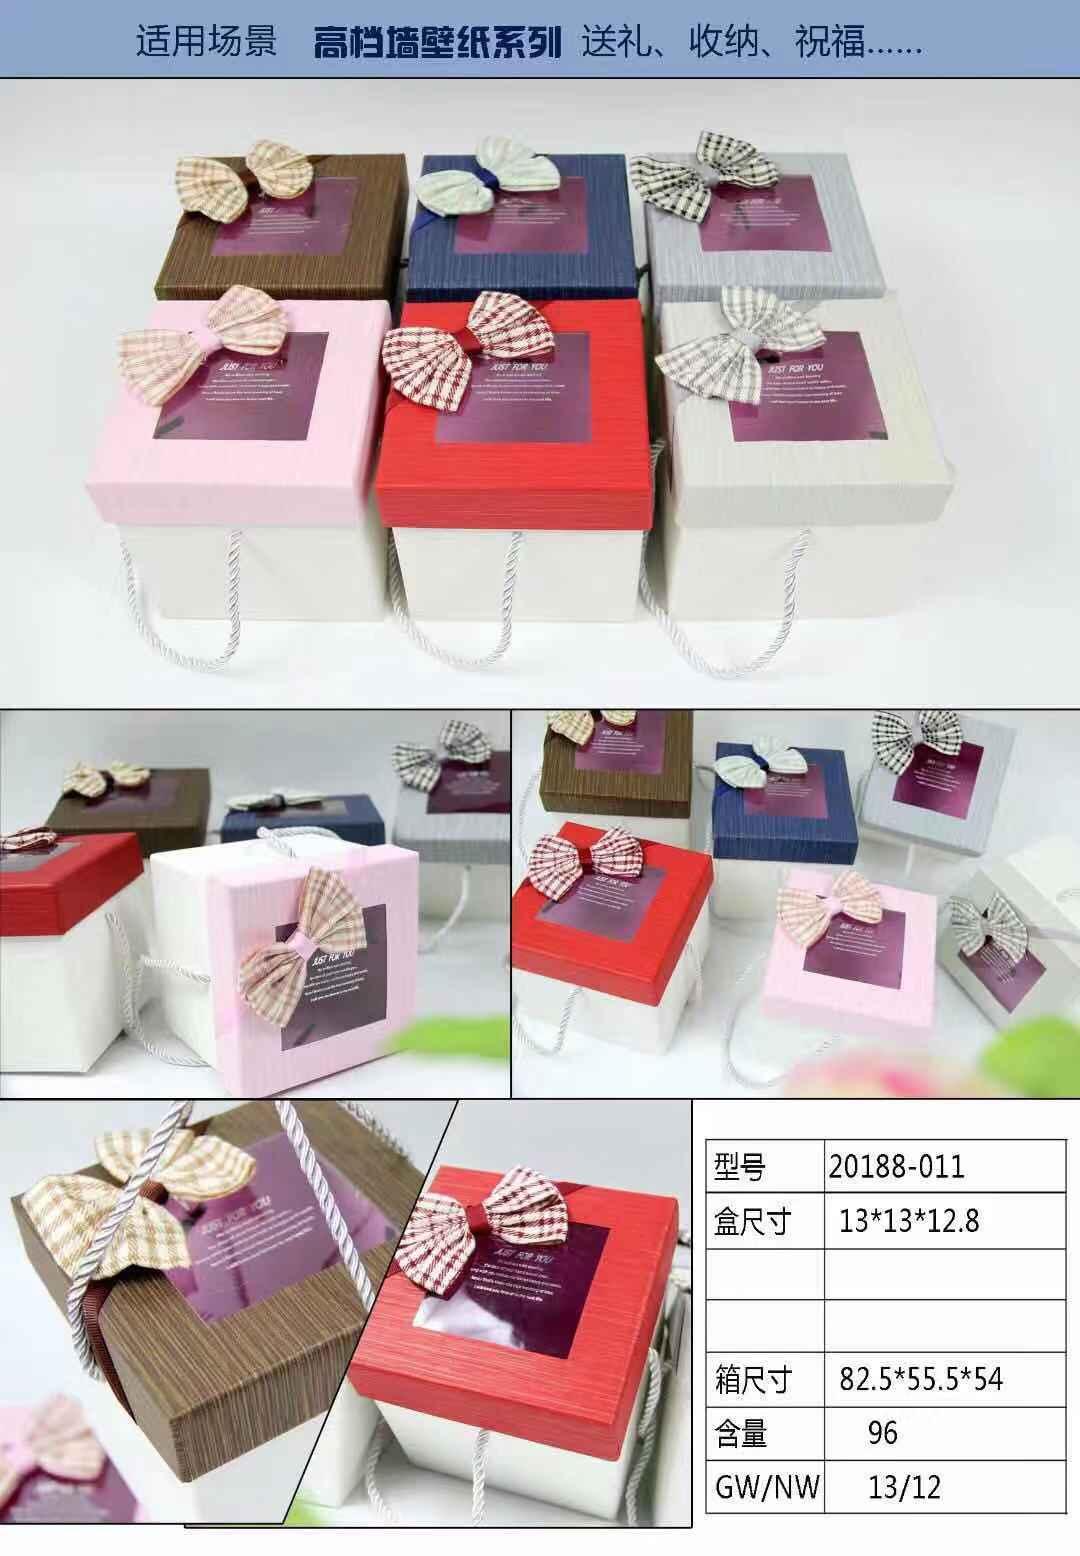 厂家定做超大号礼品包装盒圣诞礼物窗活动堆头道具摆设装饰礼盒